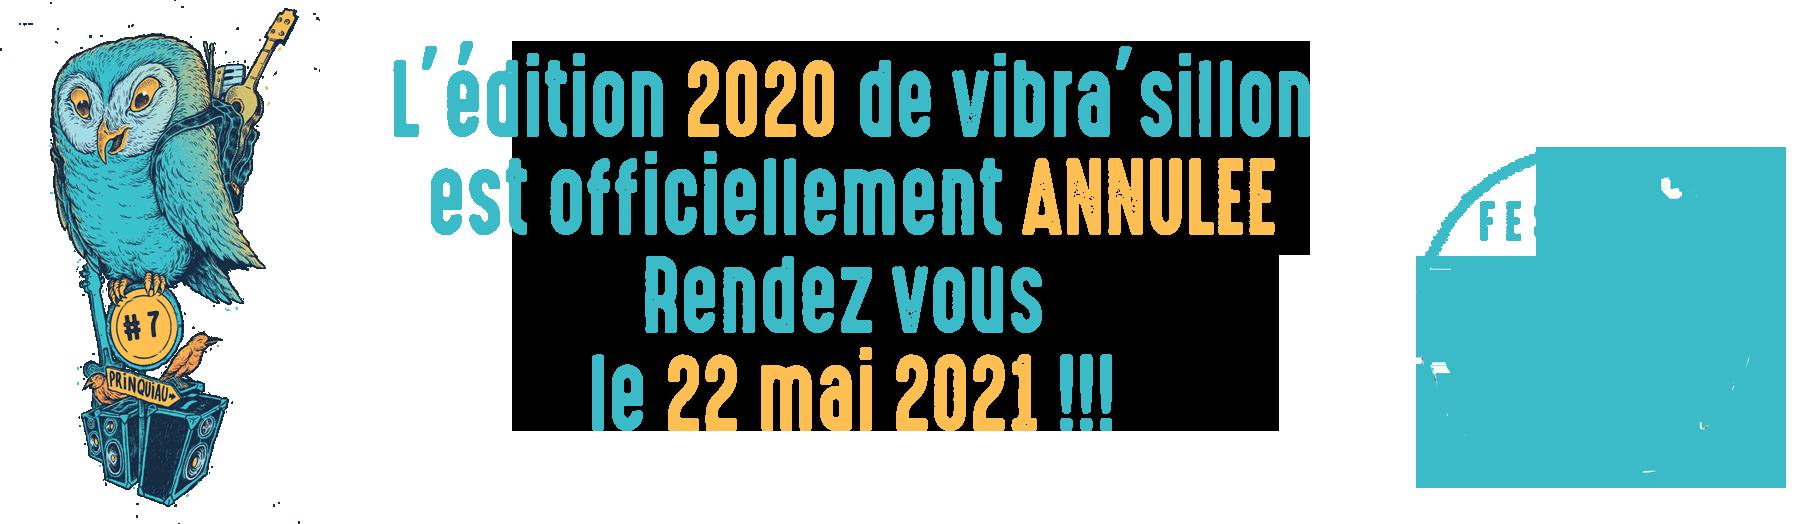 Edtion 2020